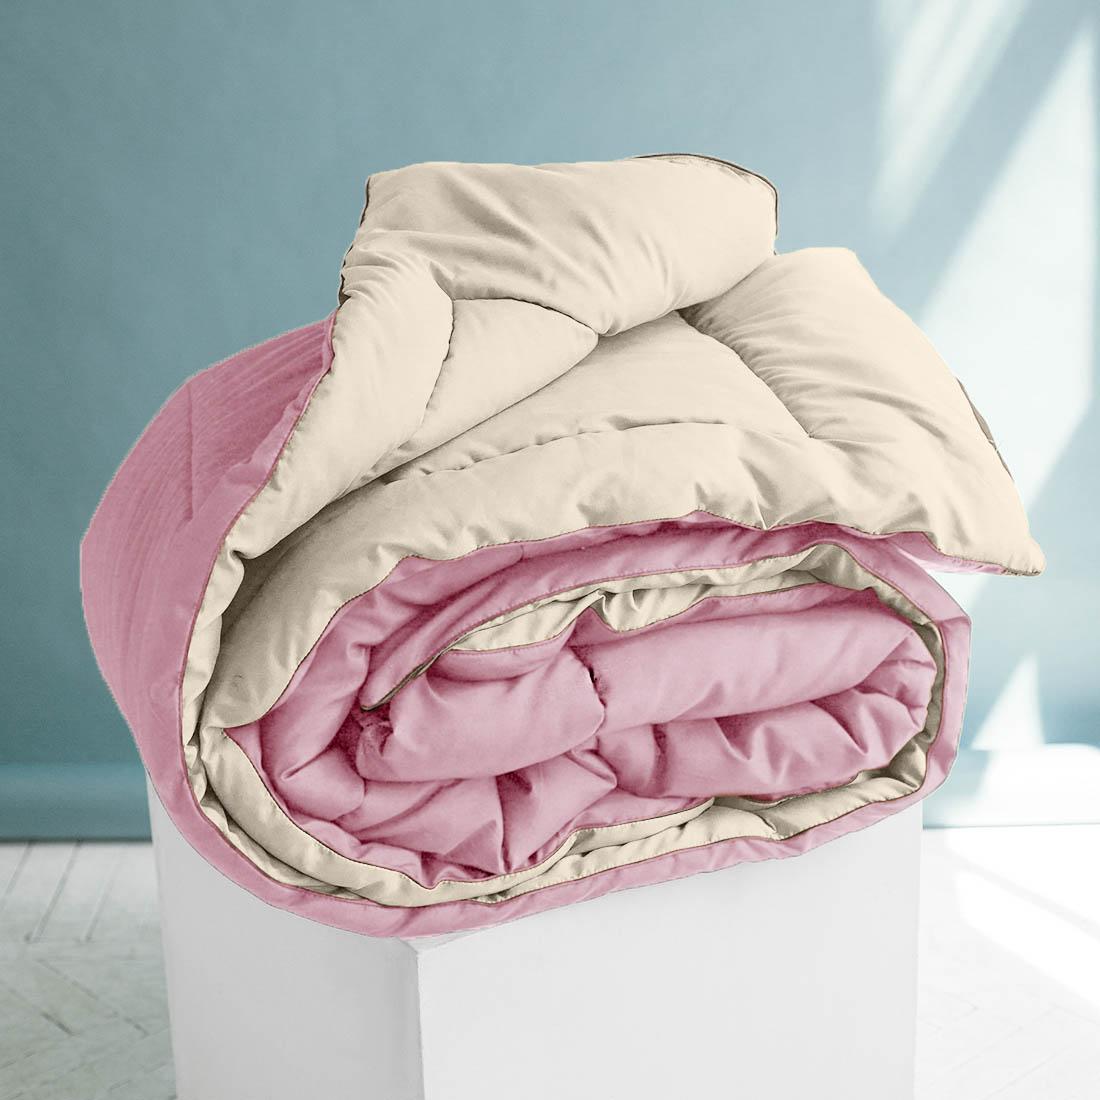 Одеяло Sleep iX, наполнитель: силиконизированное волокно, цвет: бежевый, розовый, 140 х 205 см. pva320020pva320020Особая технология позволяет использовать это одеяло без пододеяльника, не опасаясь износа.Материал чехла MicroSkin - это гладкая и шелковистая ткань с легким блеском, по своему виду не уступает натуральному хлопку. Хорошо сохраняет тепло, очень приятна на ощупь, прочна и устойчива к стирке.Силиконизированное волокно делают из тонких волокон полиэфира, обработанных силиконом. Одеяло с таким наполнителем отлично сохраняет тепло, создавая максимальный комфорт и уют. Силиконизированное волокно отлично держит форму, не сбиваясь в комки. На ощупь наполнитель похож на пух, поэтому производители часто называют его искусственным пухом. Одеяло с полиэфирным наполнителем отлично подойдёт людям, страдающим аллергией, так как не впитывает запахи и отталкивает пыль. Кант делают из атласа или вискозы, он помогает изделию держать форму в течение многих лет. Кантик есть на многих объемных изделиях из текстиля, иногда его могут дополнительно прострочить по периметру или сделать широким.